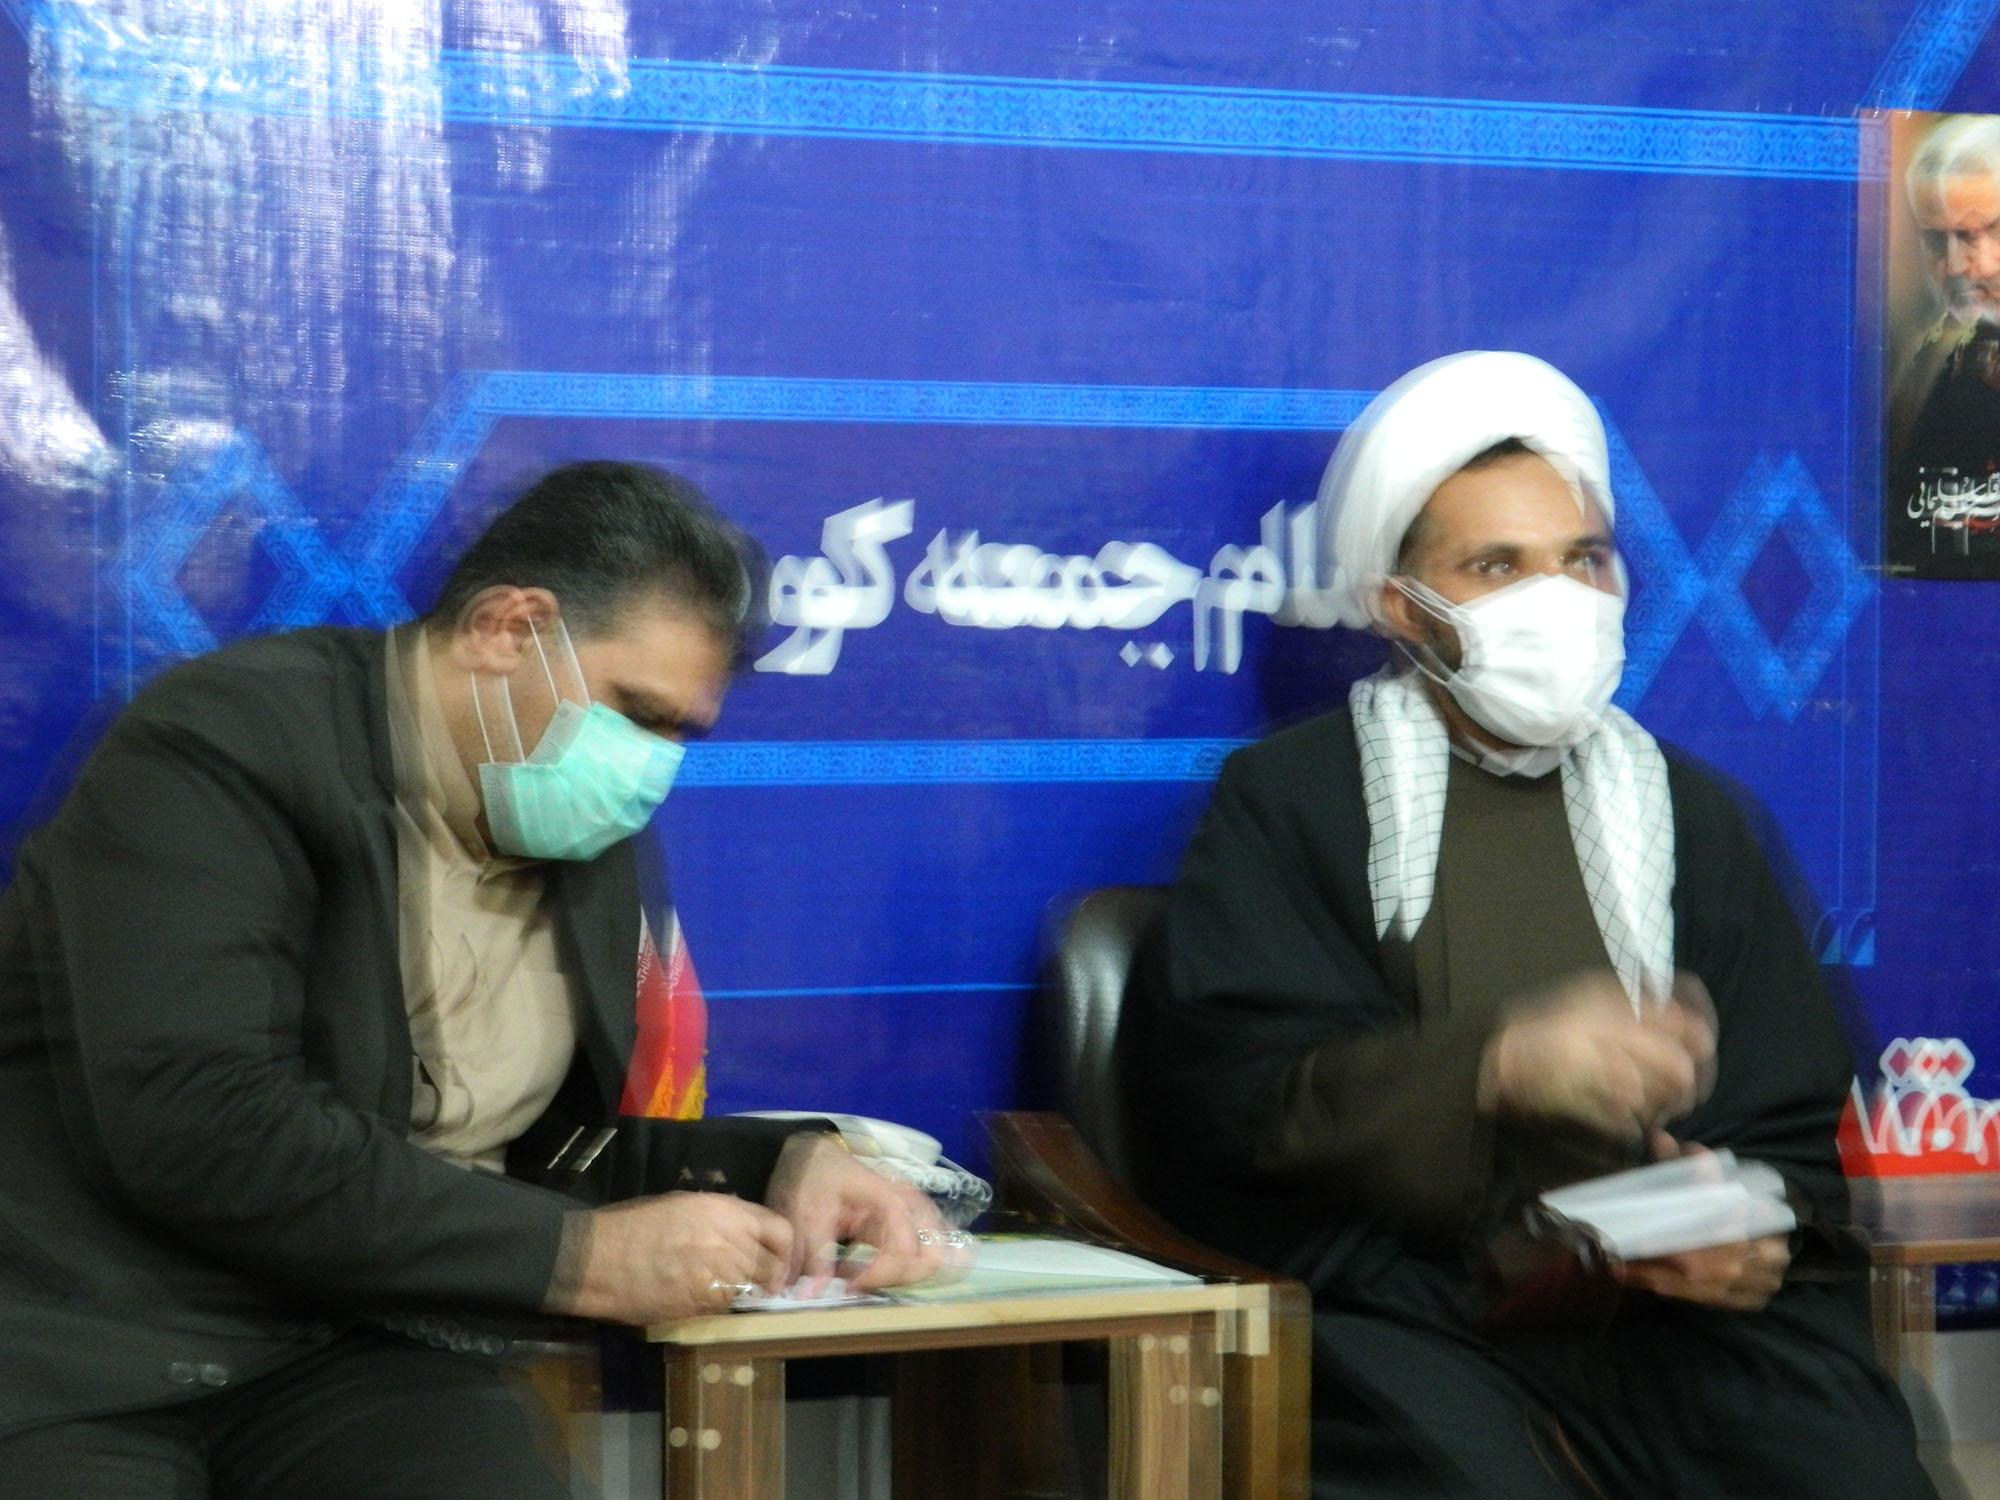 دیدار مدیر کل کمیته امداد استان با امام جمعه کوهنانی